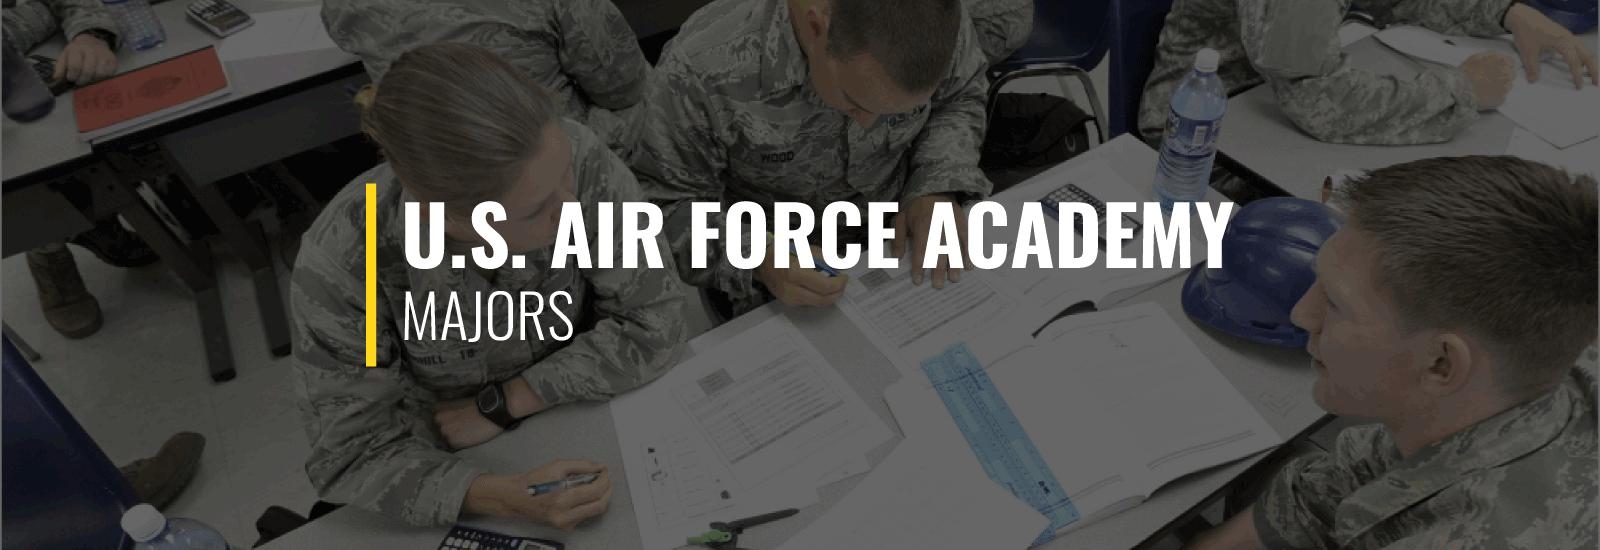 Air Force Academy Majors